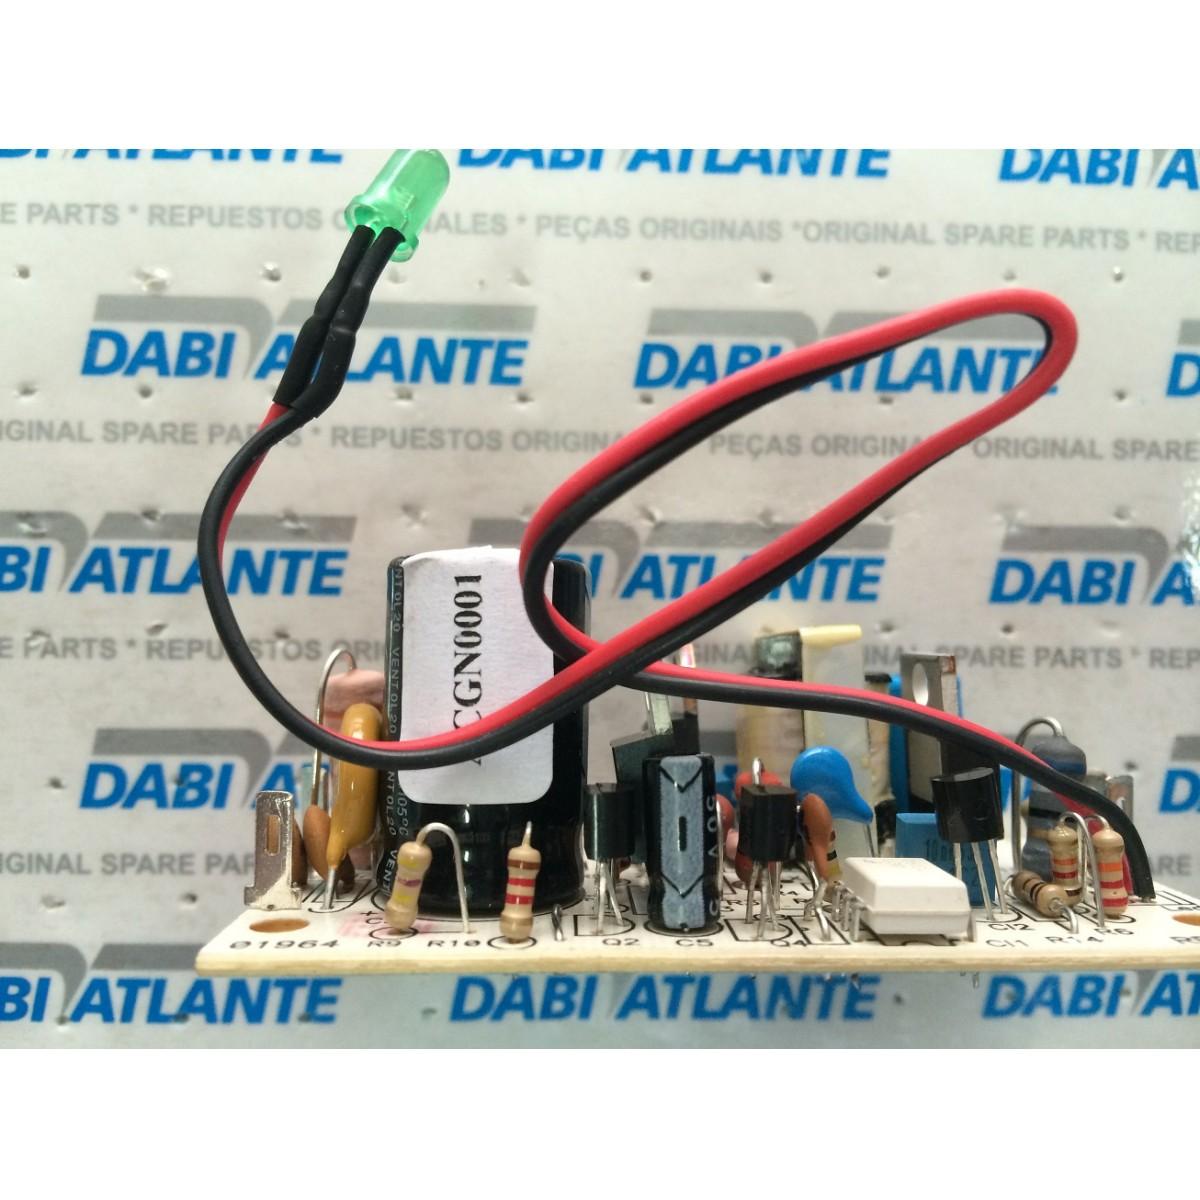 Placa fonte Ultraled com saída 7,5 VDC  - DABI ATLANTE - TOP ODONTO